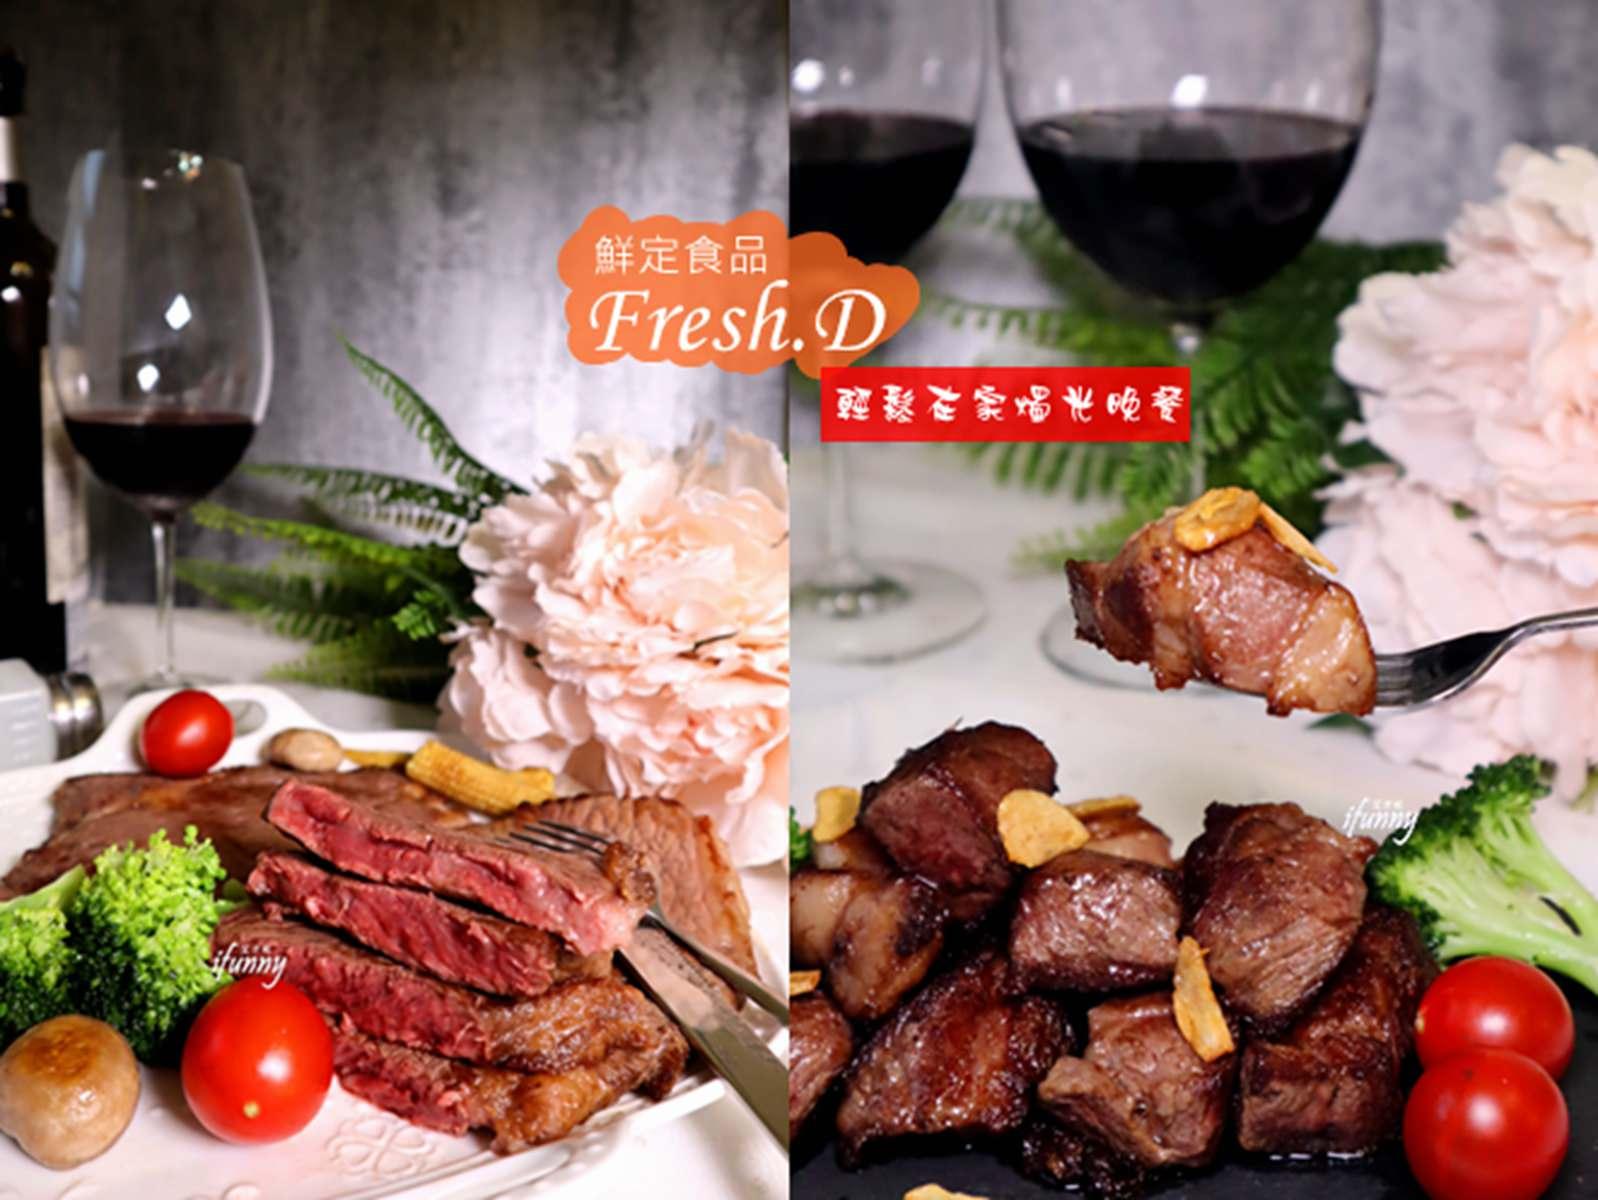 [生鮮宅配]鮮定食品Fresh.D~PRIME級安格斯牛排組合~輕鬆在家燭光晚餐